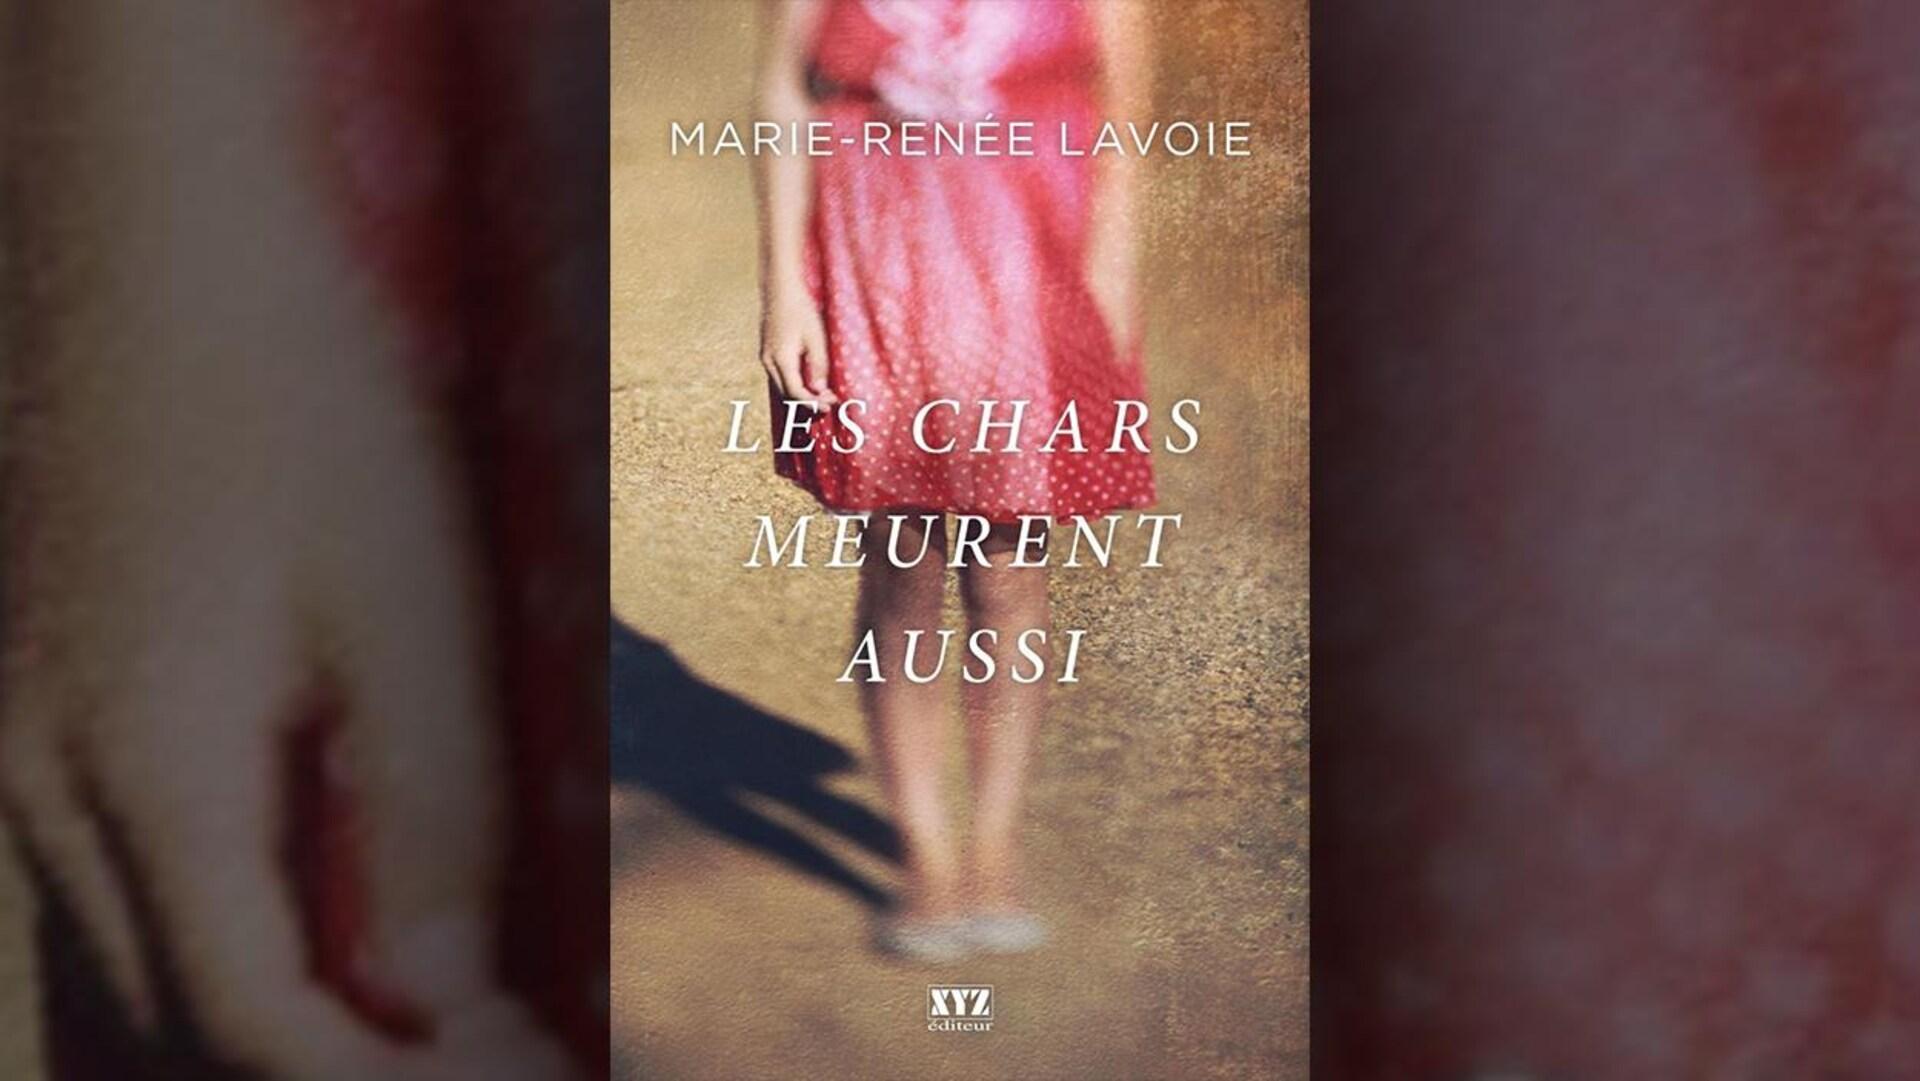 La couverture du livre  Les chars meurent aussi , de Marie-Renée Lavoie